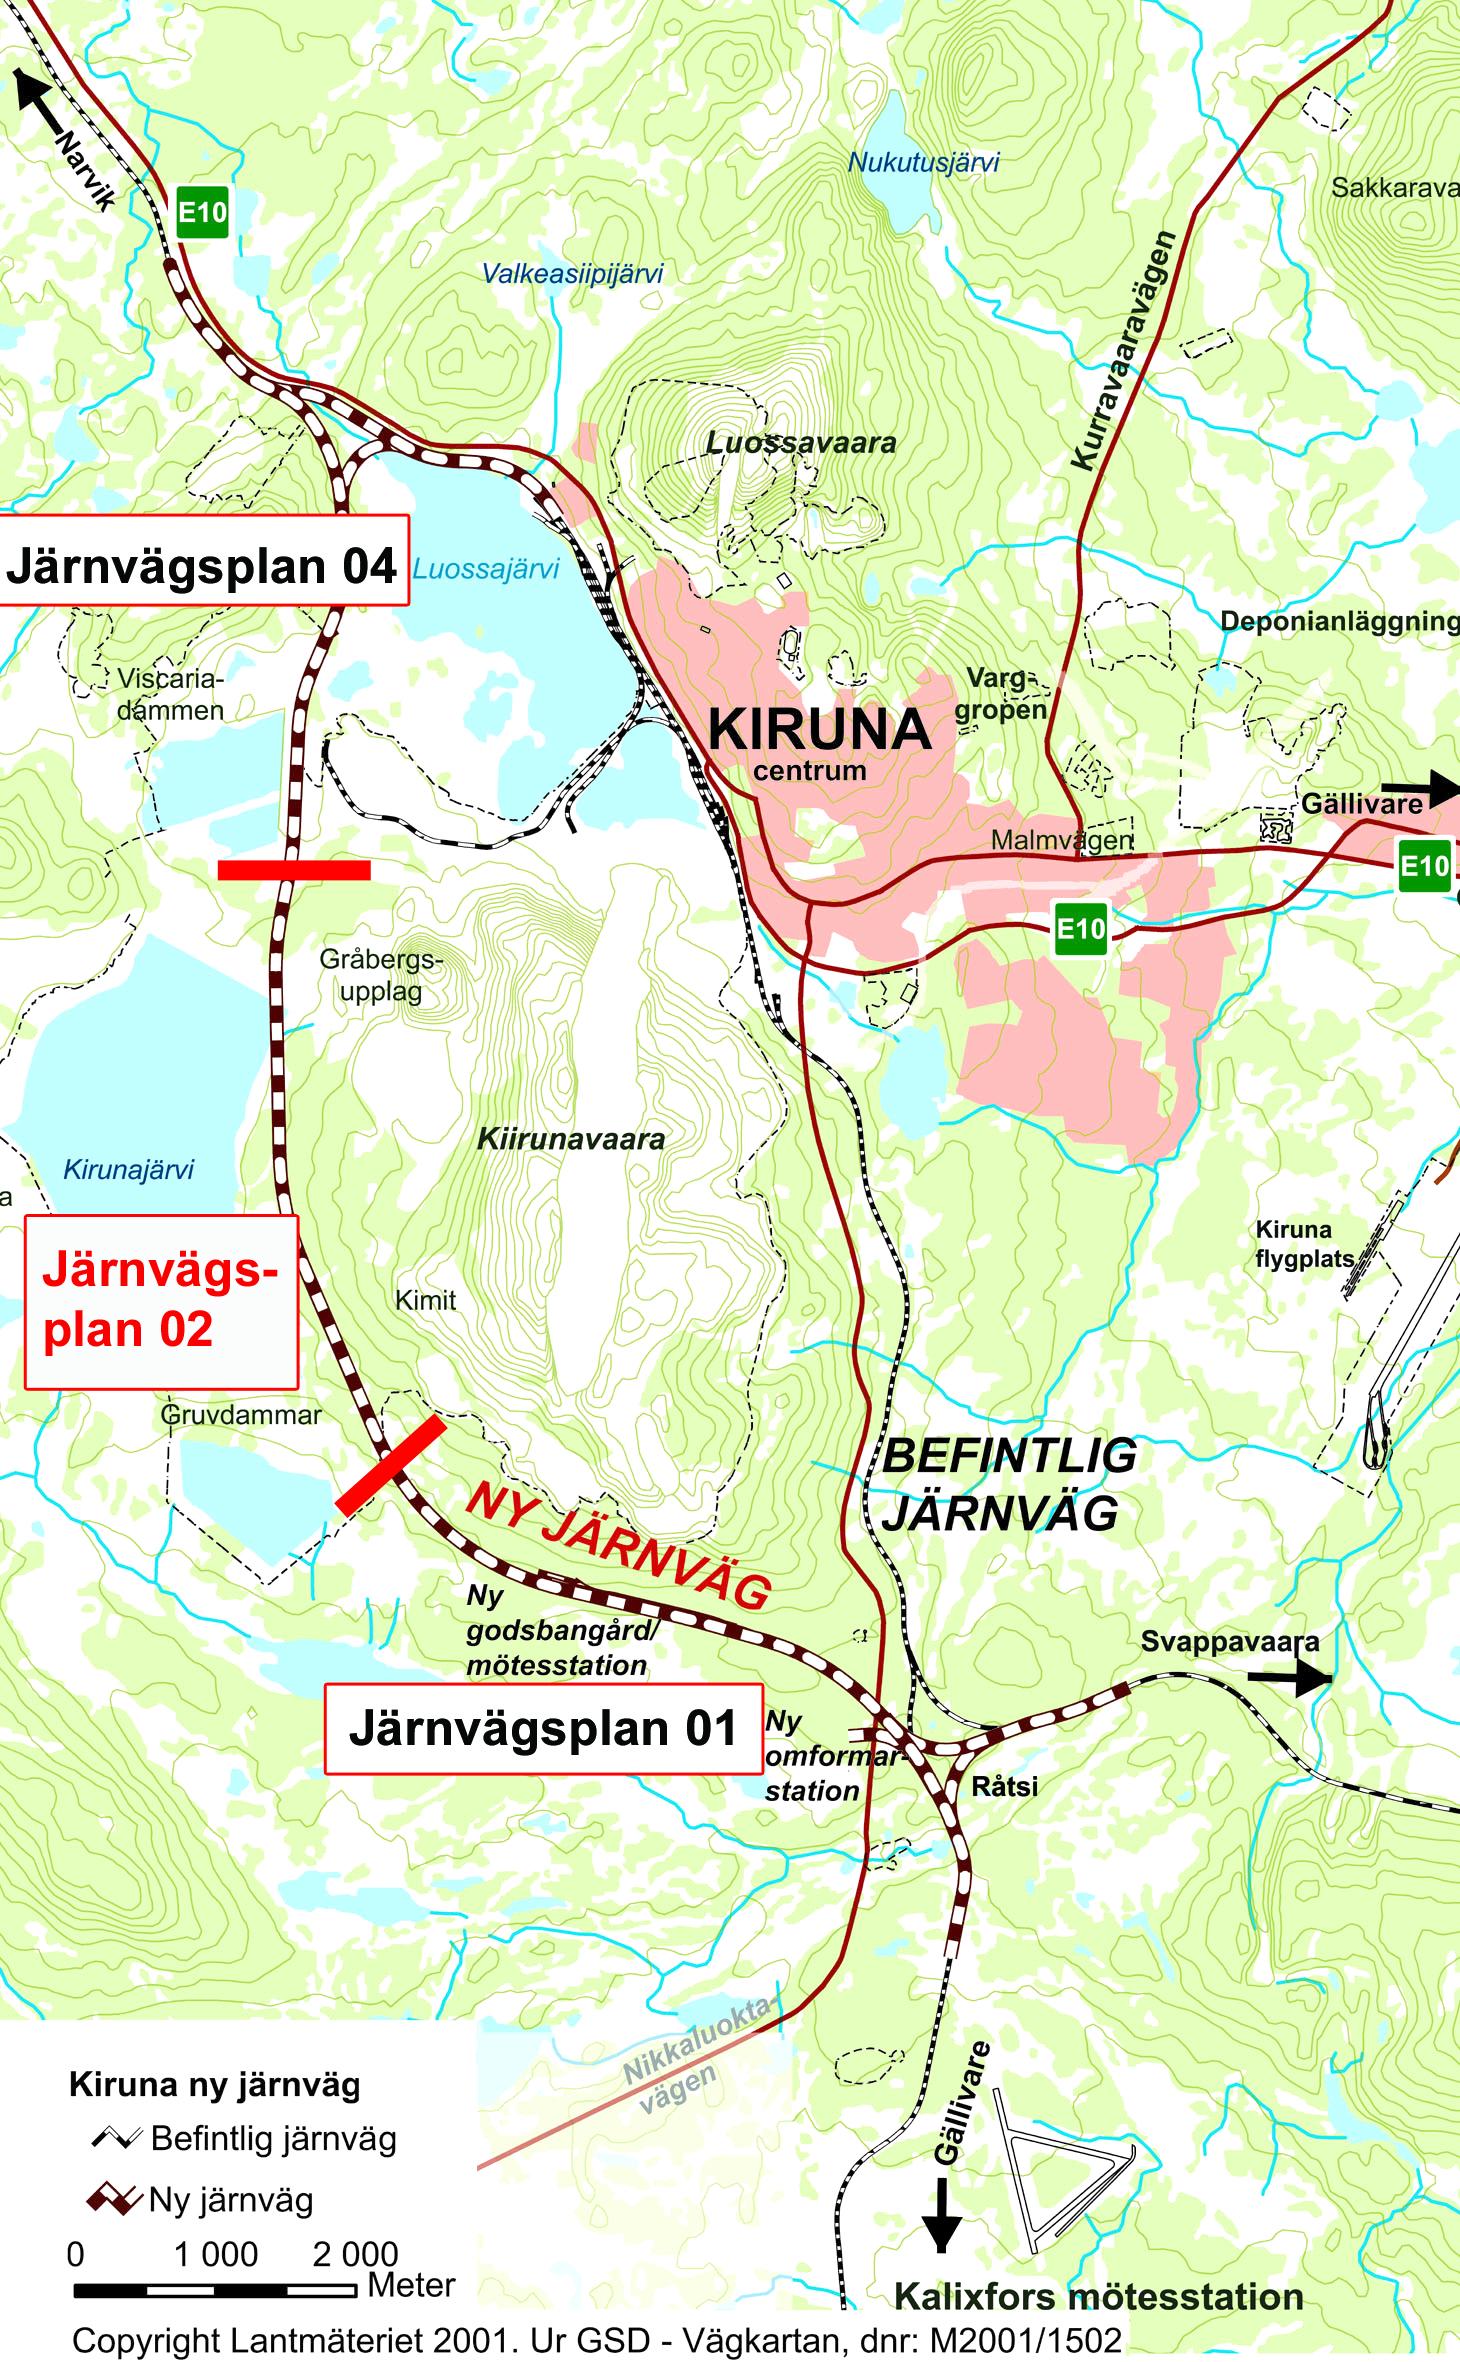 kiruna karta Karta över ny järnväg i Kiruna   Banverket kiruna karta